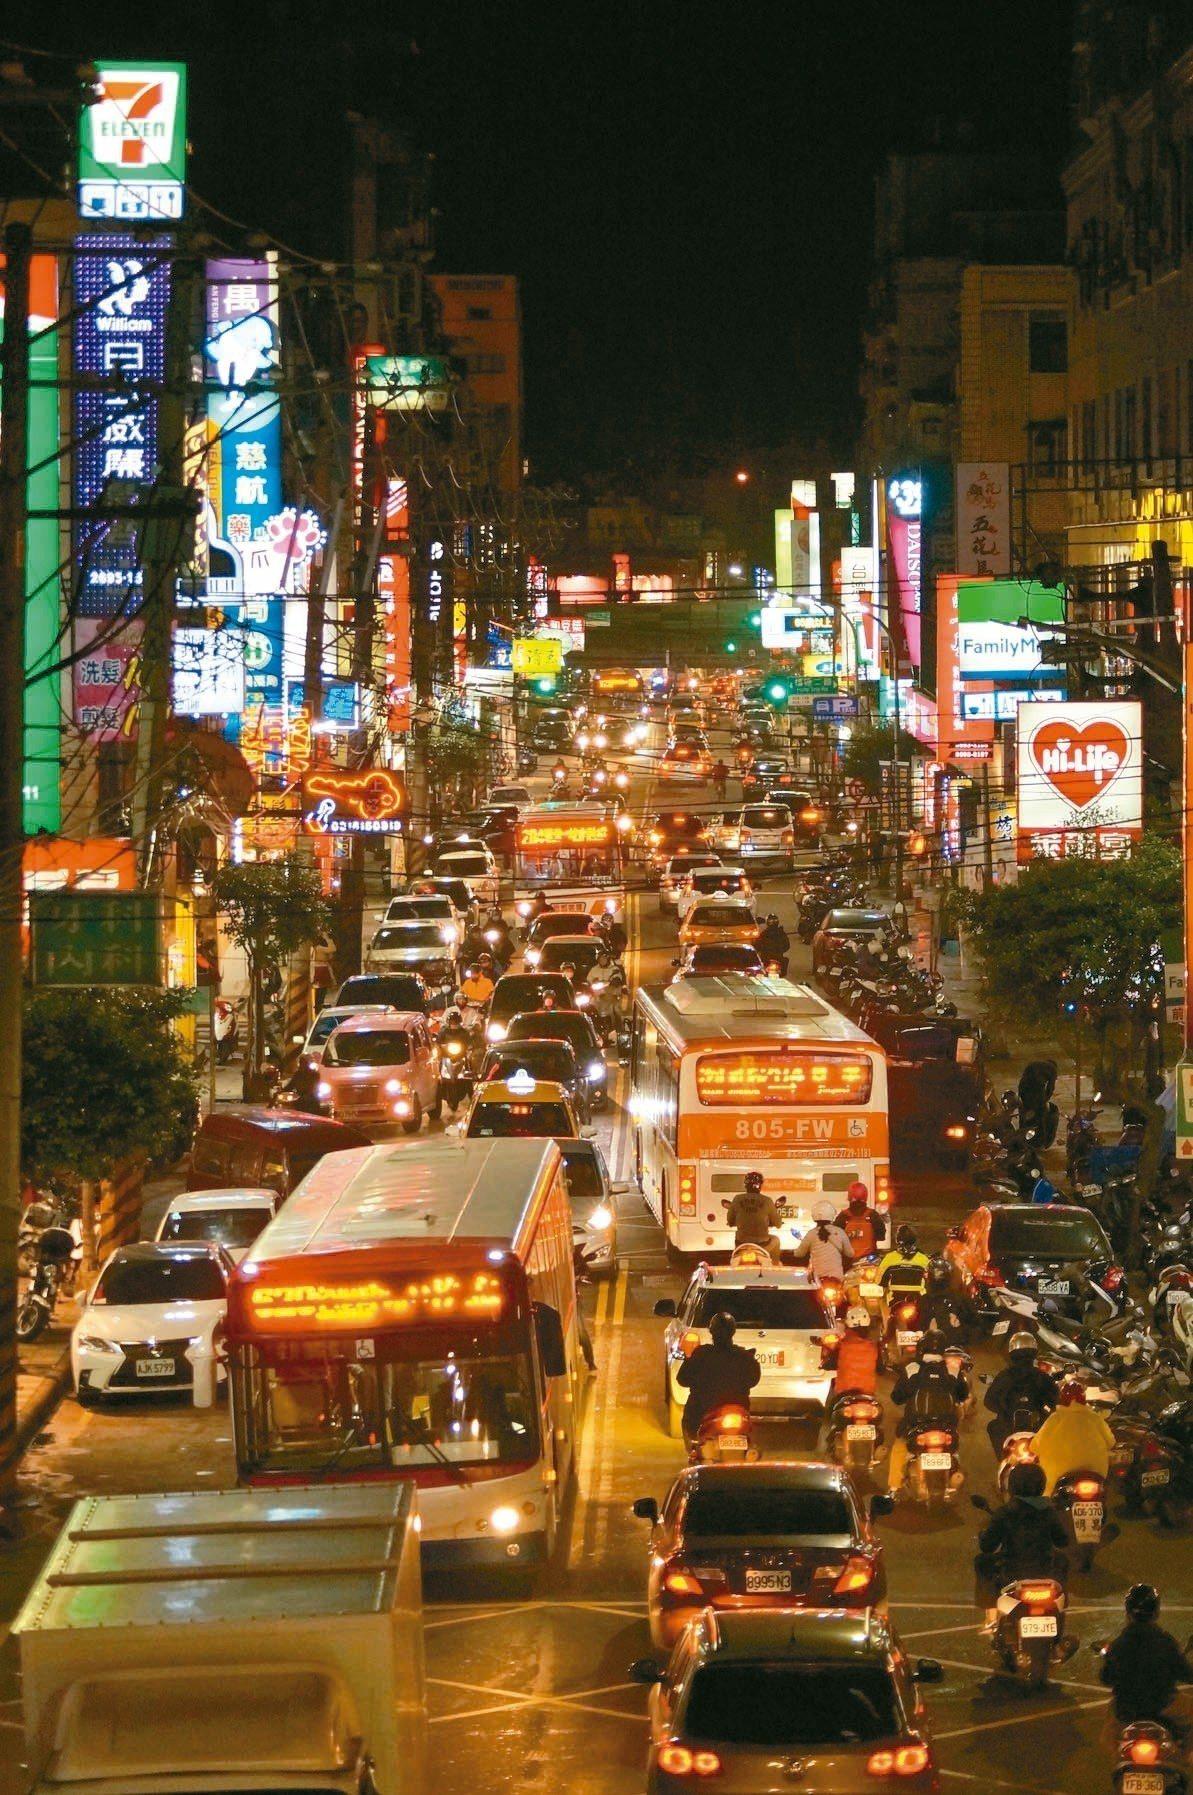 「捷運不來,交通如何改善?」汐止社后地區通往台北方向道路,每到上下班時間就塞不停...